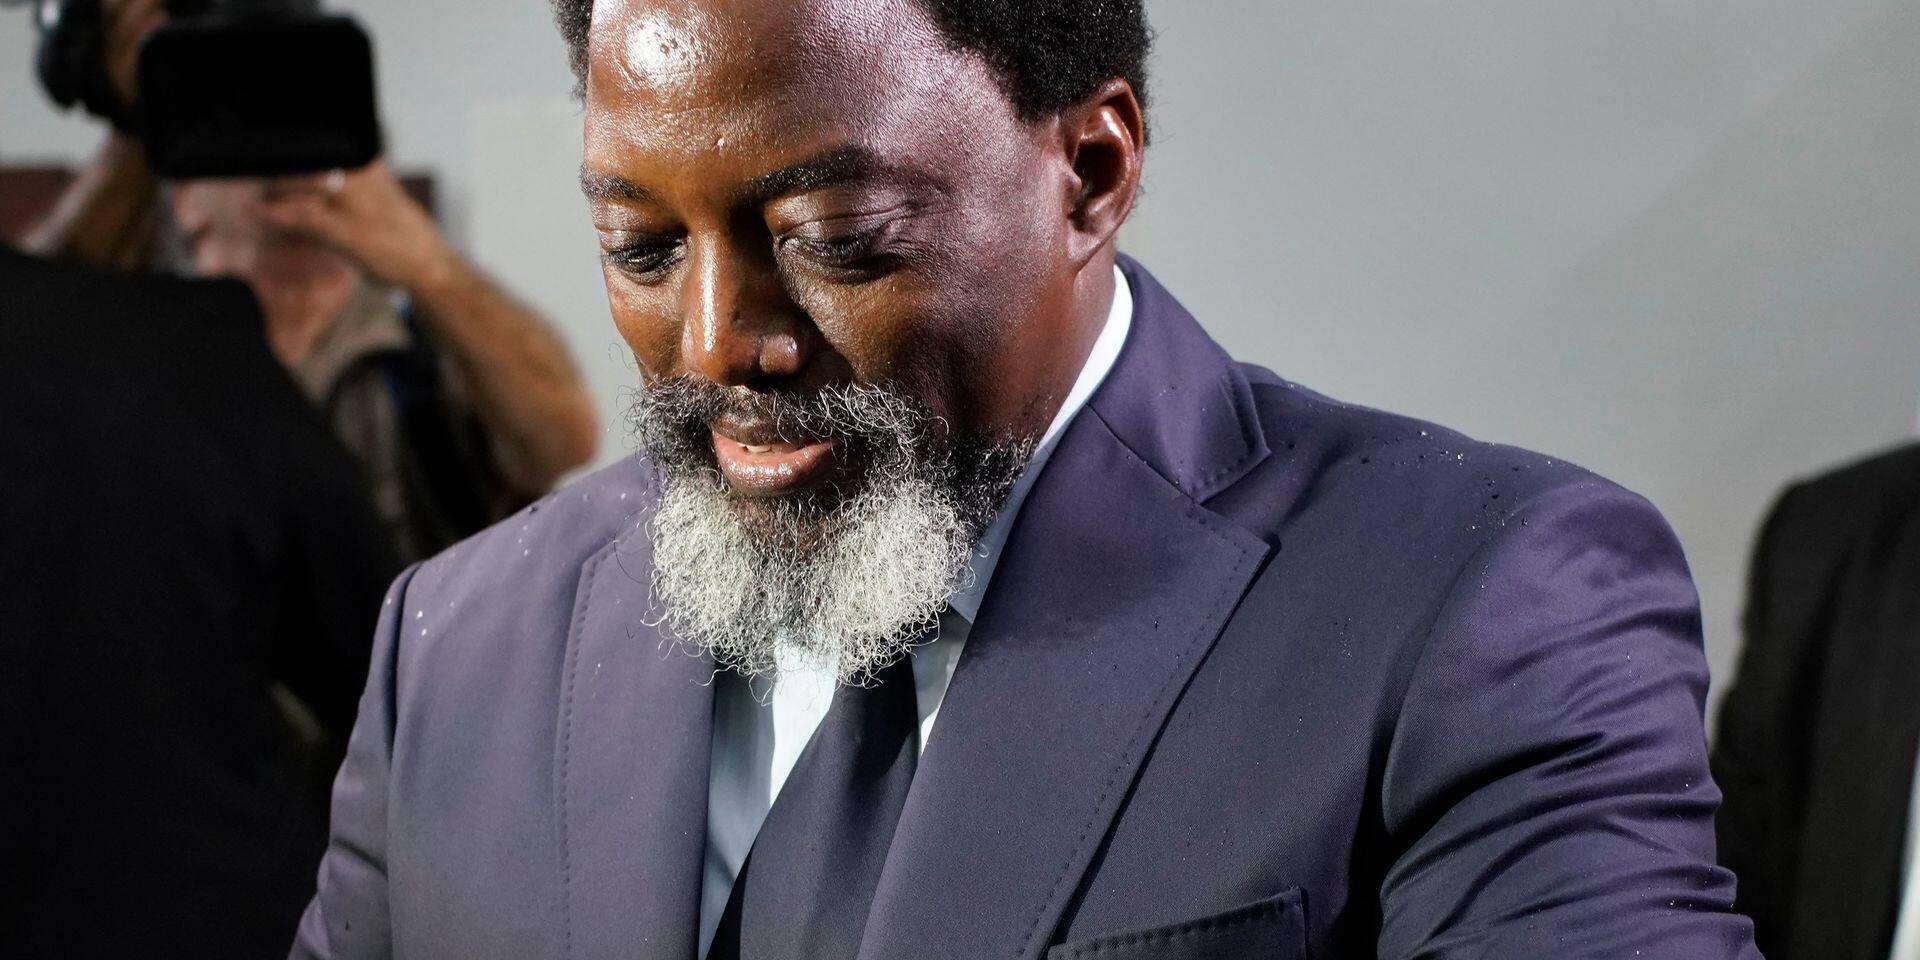 Par ce geste, Joseph Kabila prouve qu'il reste le véritable patron de la RDC